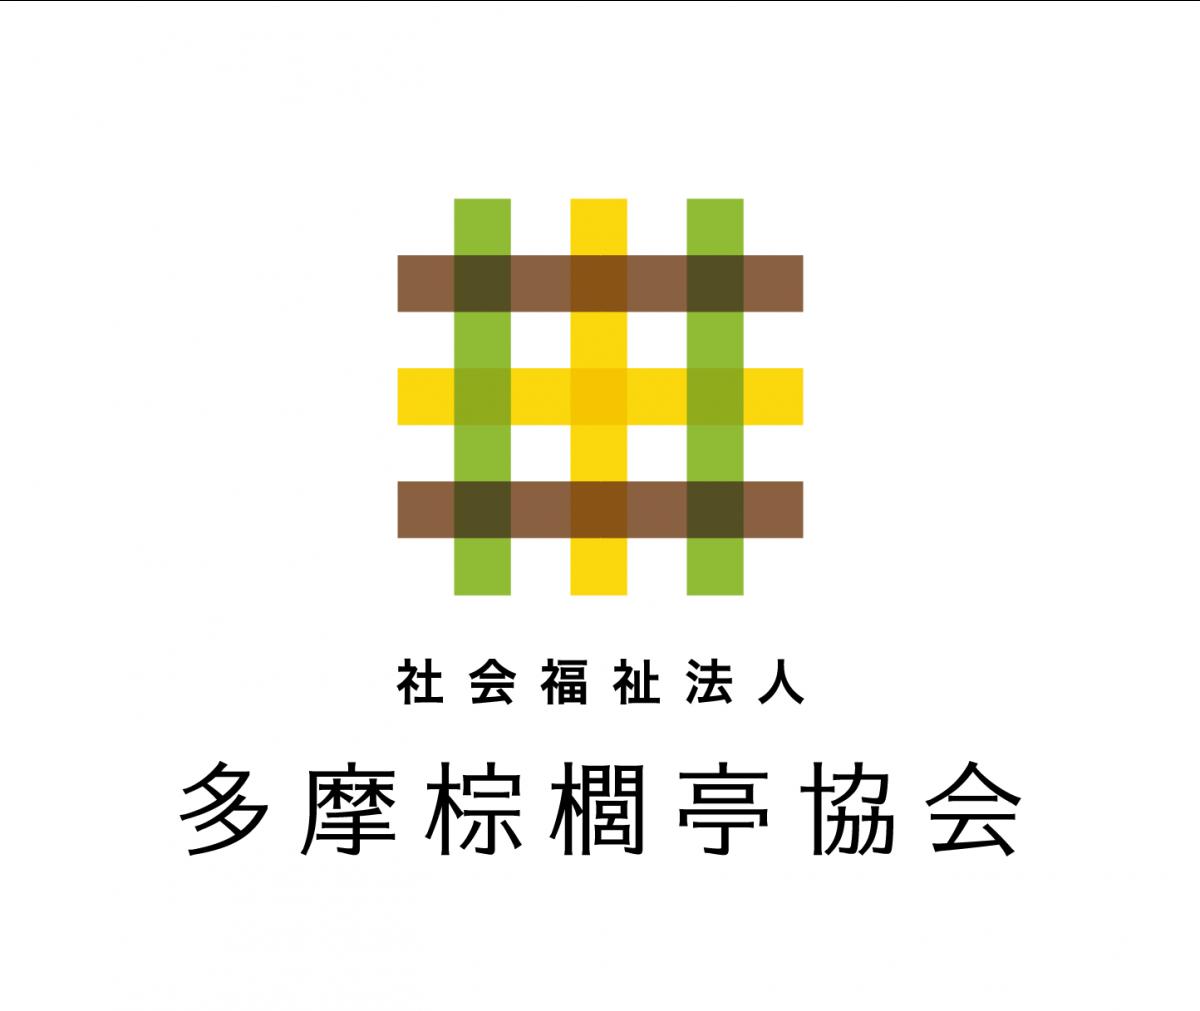 ロゴシンボル|社会福祉法人多摩棕櫚亭協会